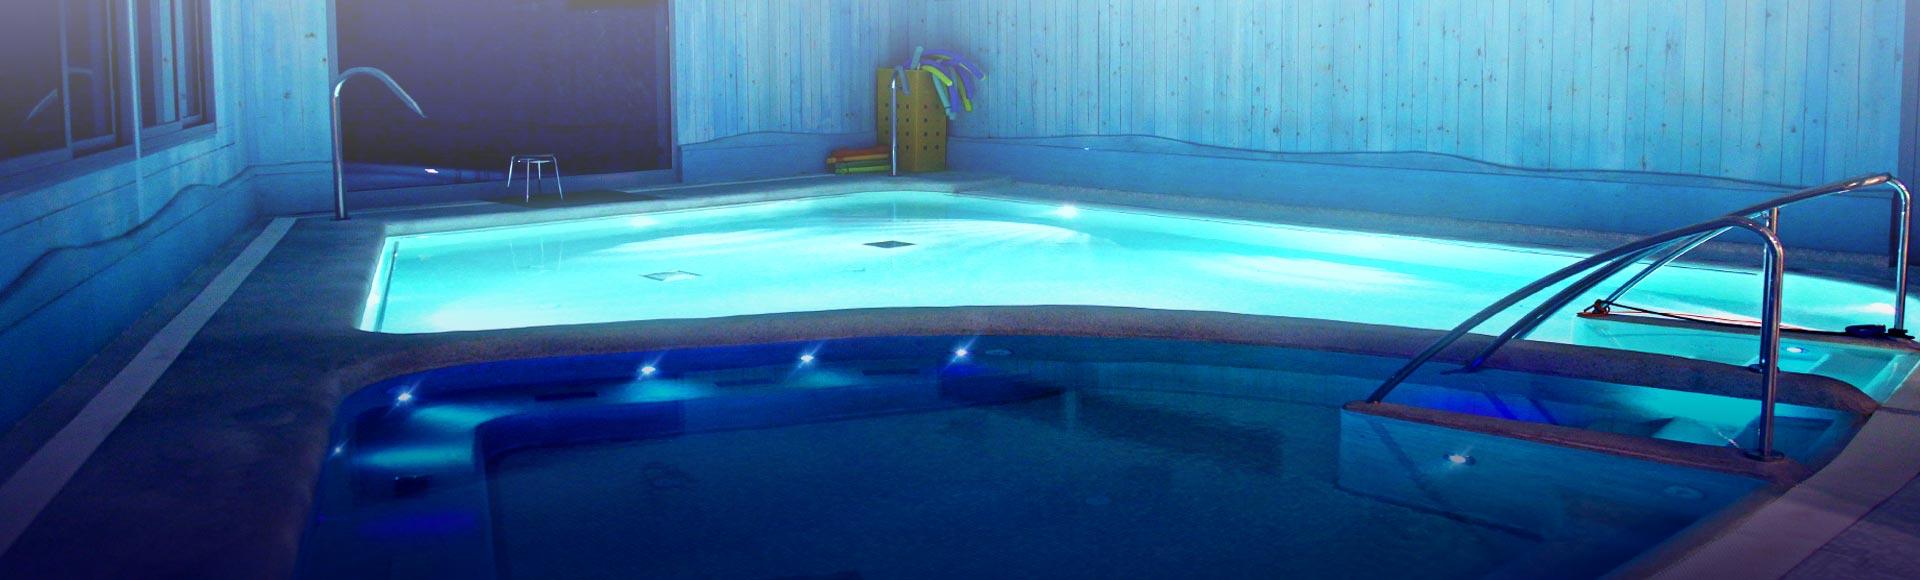 Terme Acquabios Minerbio. L'acqua termale a misura di ...